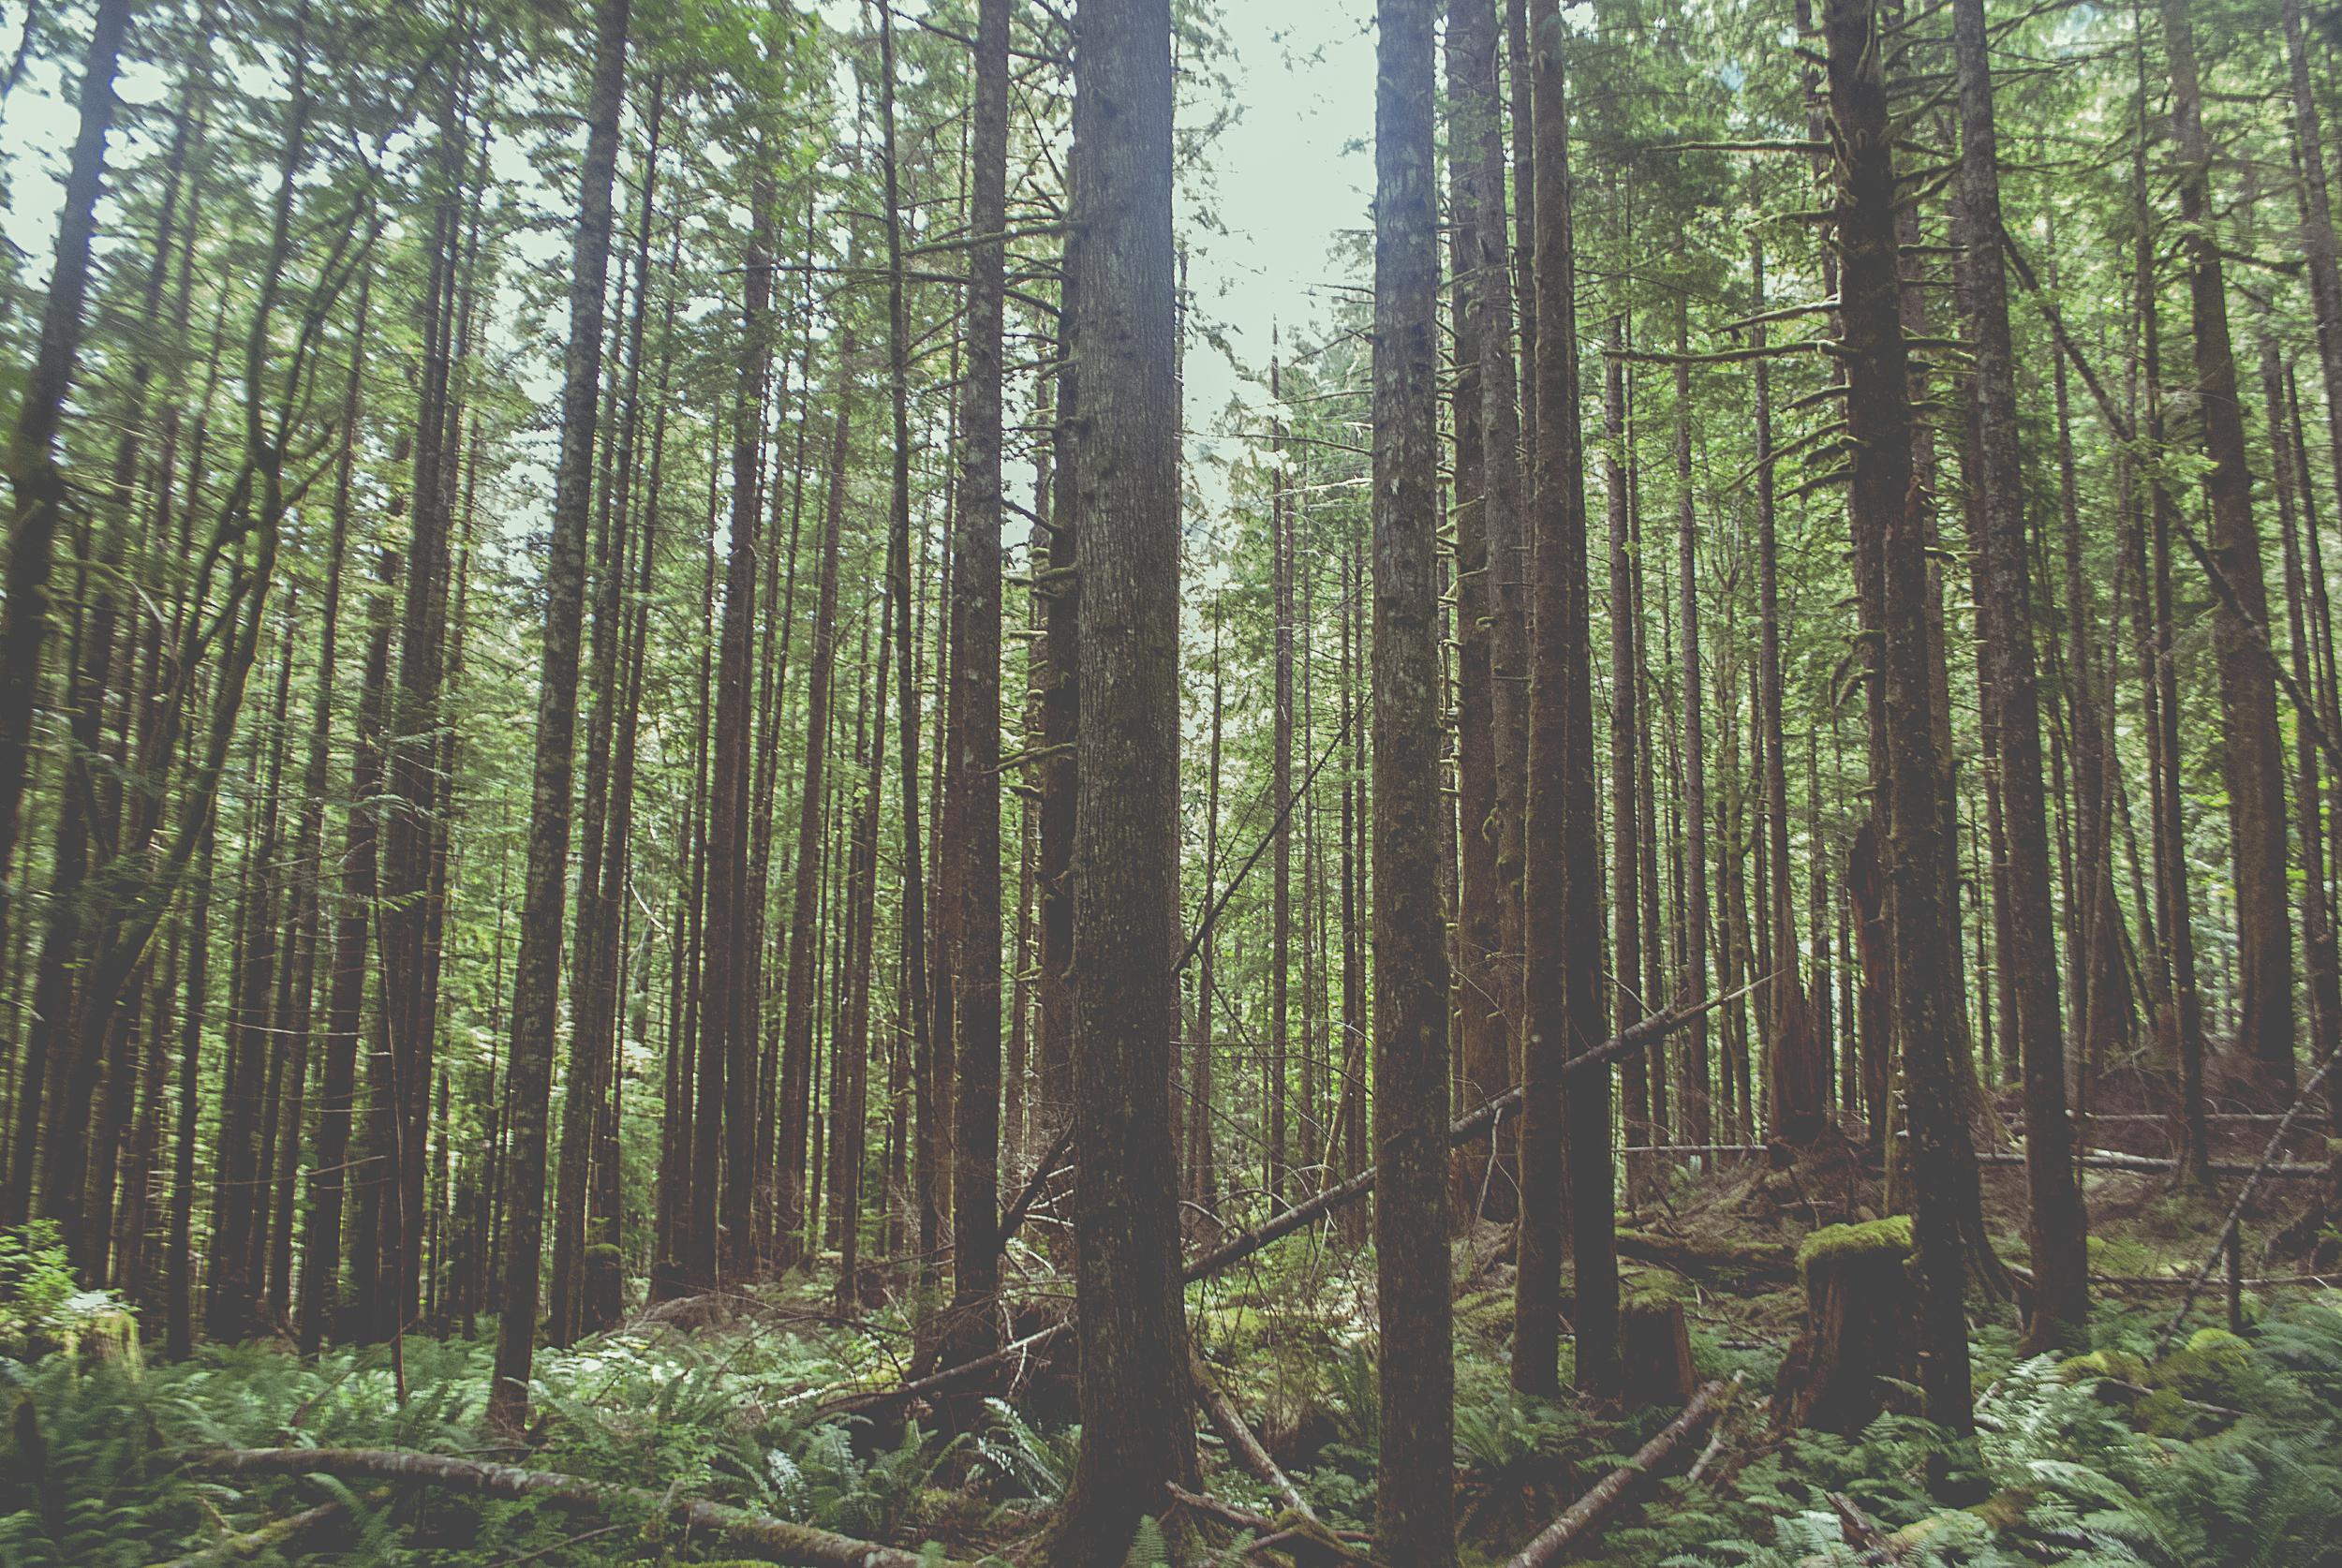 Seattle_vertical_lines_trees_2_DSC0119.jpg